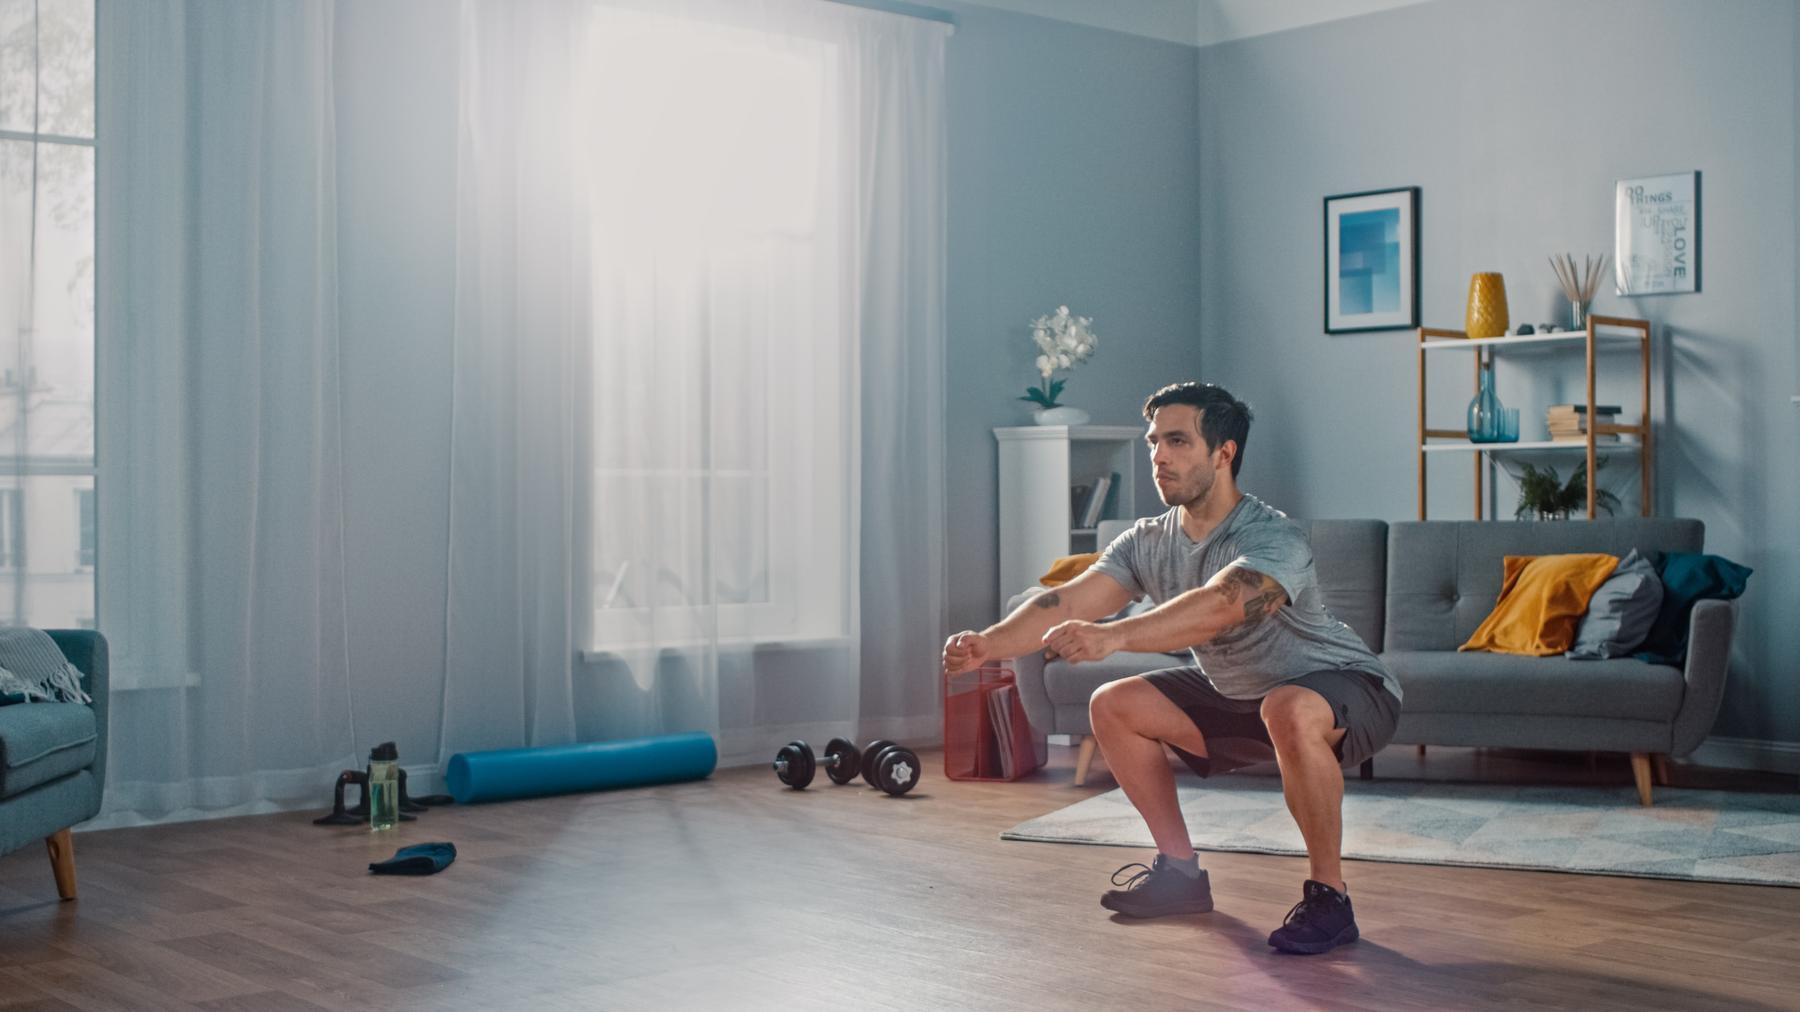 Cómo hacer ejercicio en casa para principiantes | 17 ejercicios con y sin material